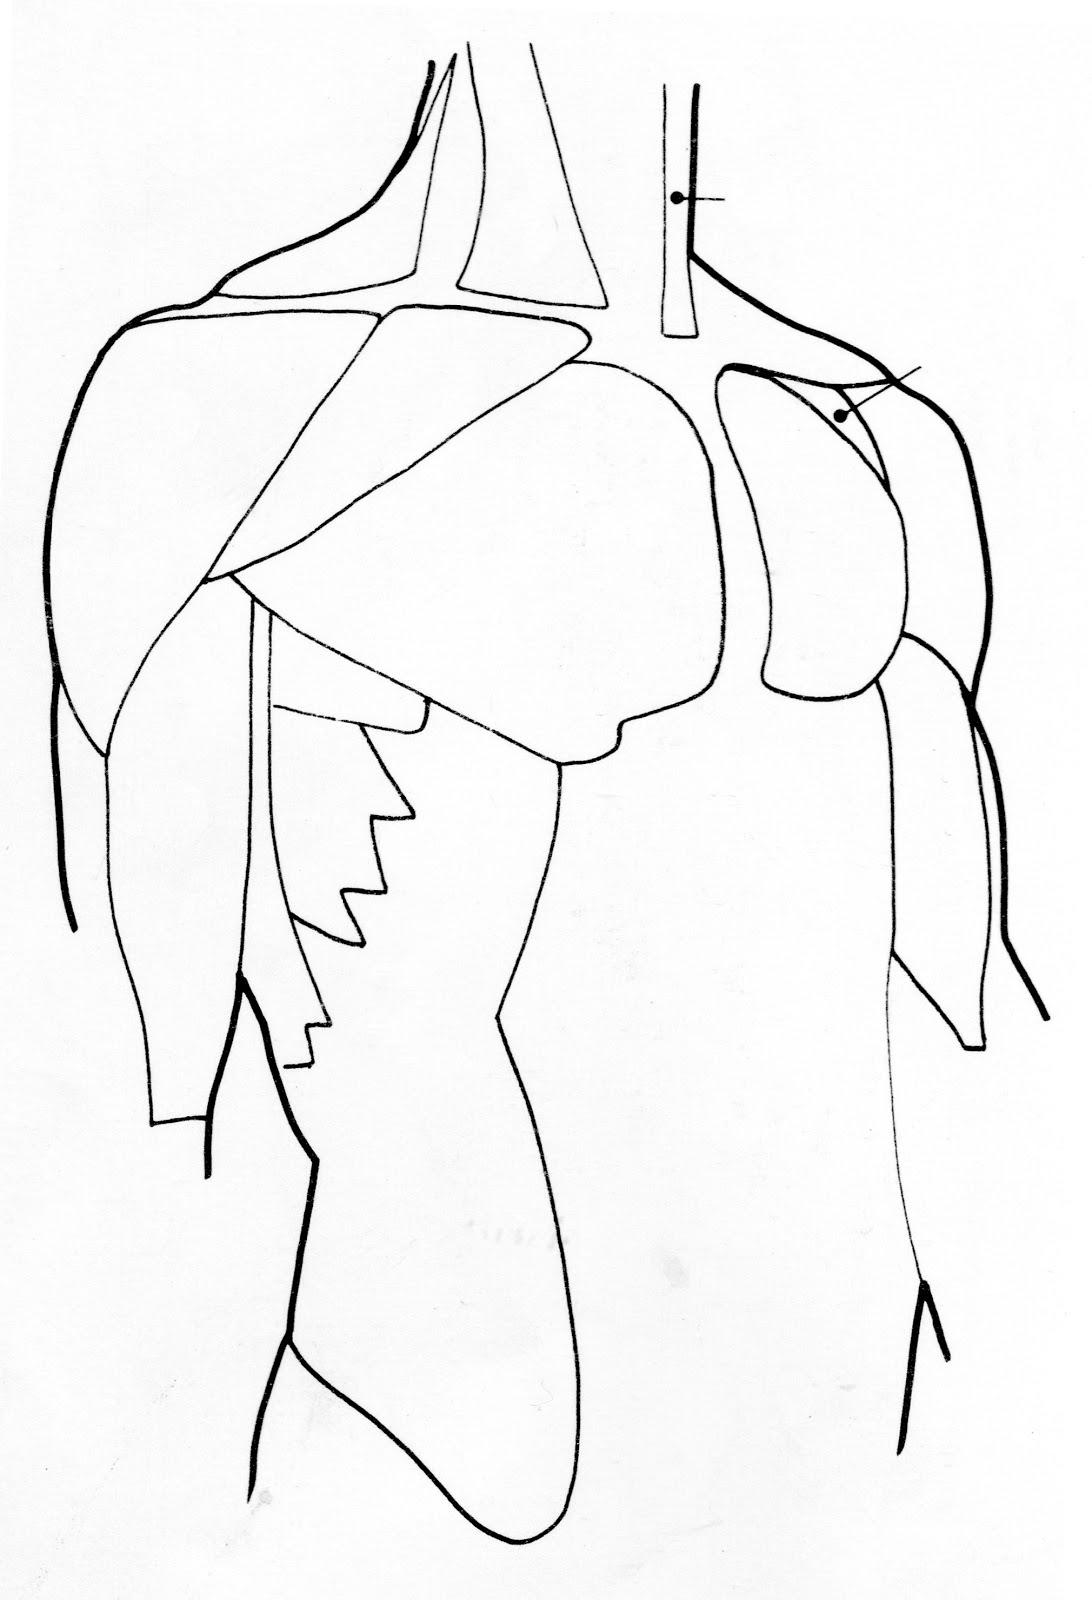 Excepcional Trazar Los Músculos Componente - Anatomía de Las ...